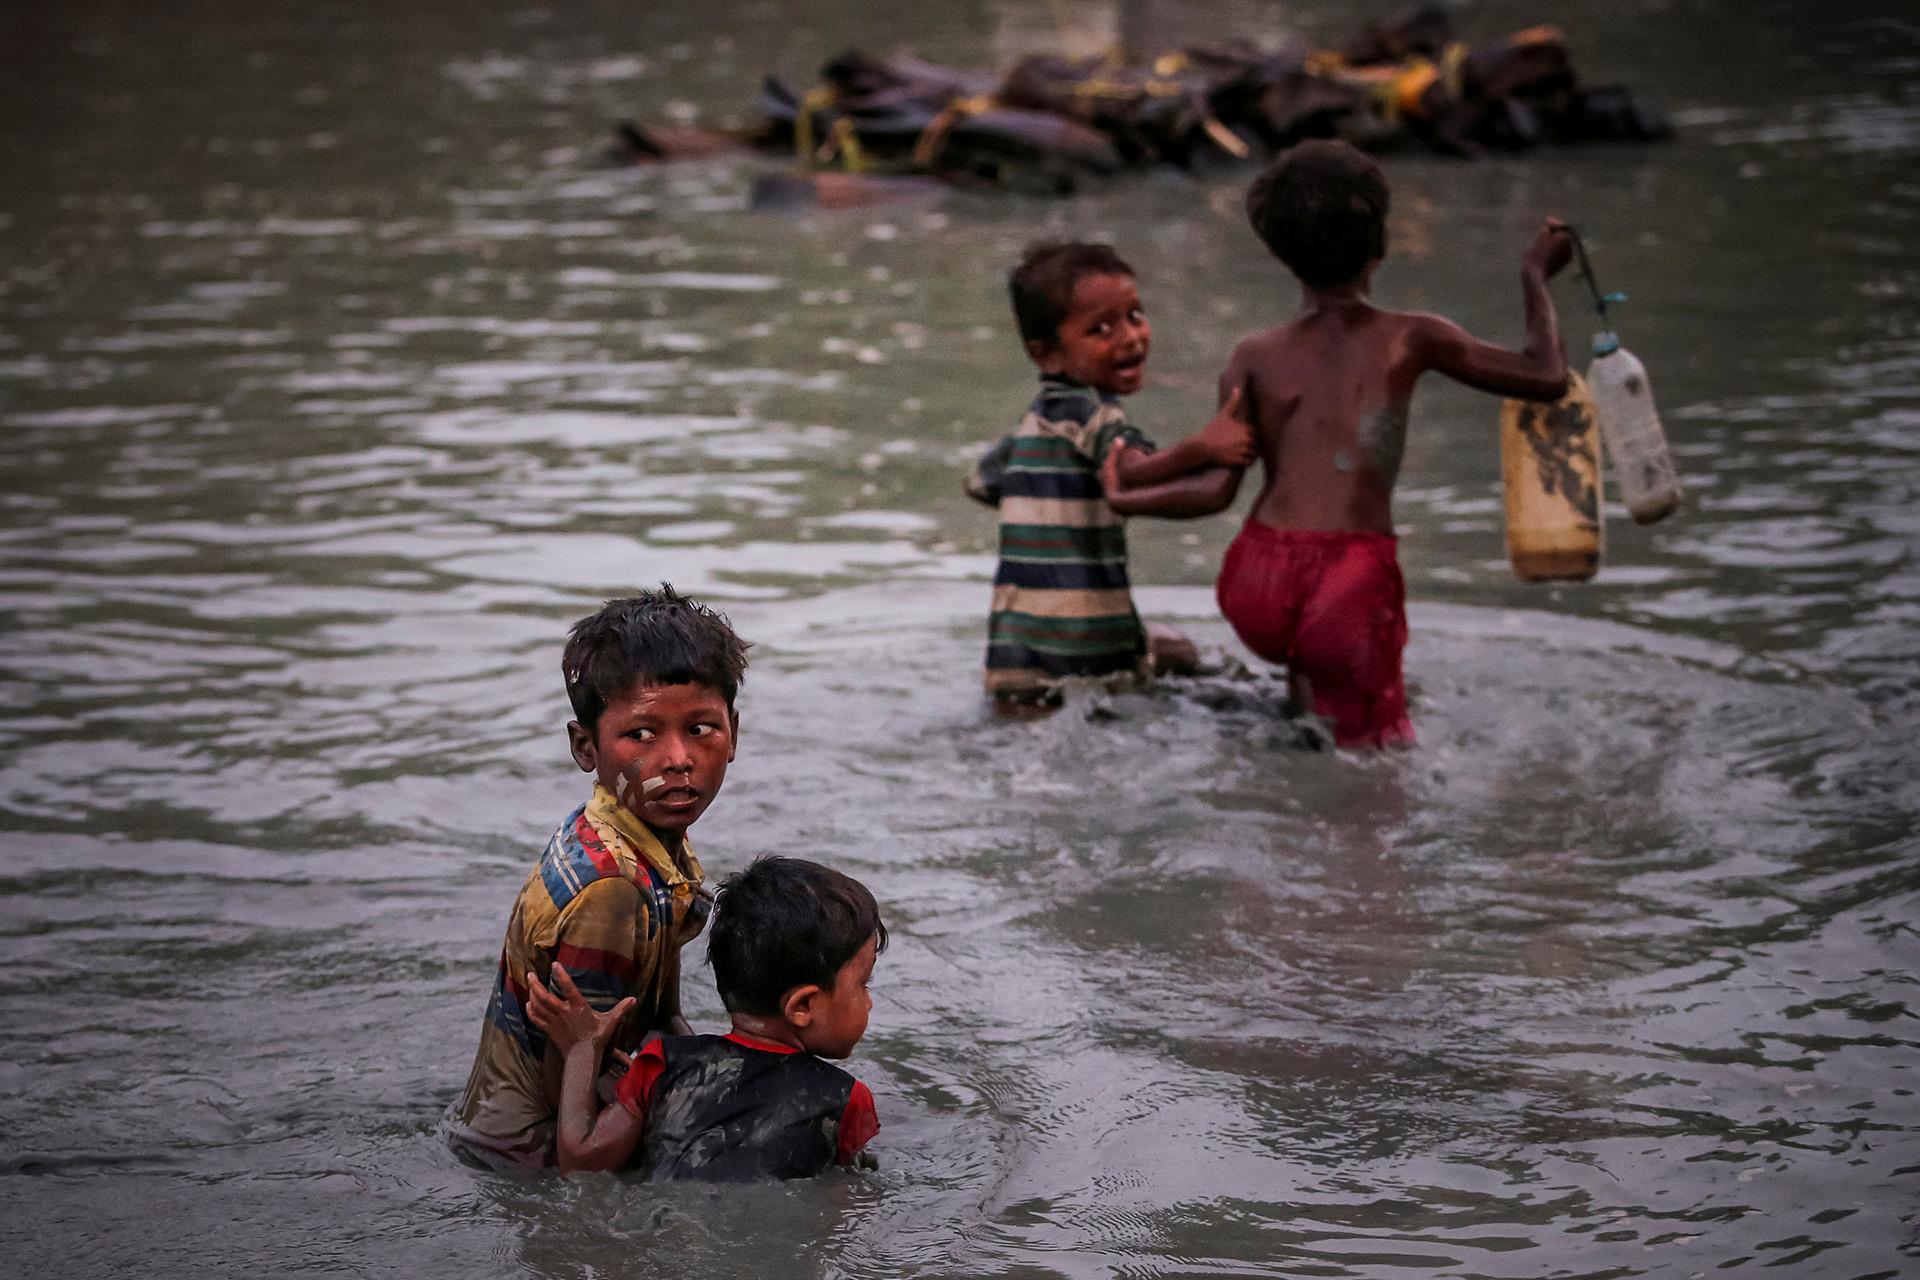 Los hermanos Rohingya que huyen de la violencia se abrazan mientras cruzan el río Naf a lo largo de la frontera entre Bangladesh y Myanmar en Palong Khali, cerca de Cox's Bazar, Bangladesh 1 de noviembre de 2017. (Adnan Abidi)